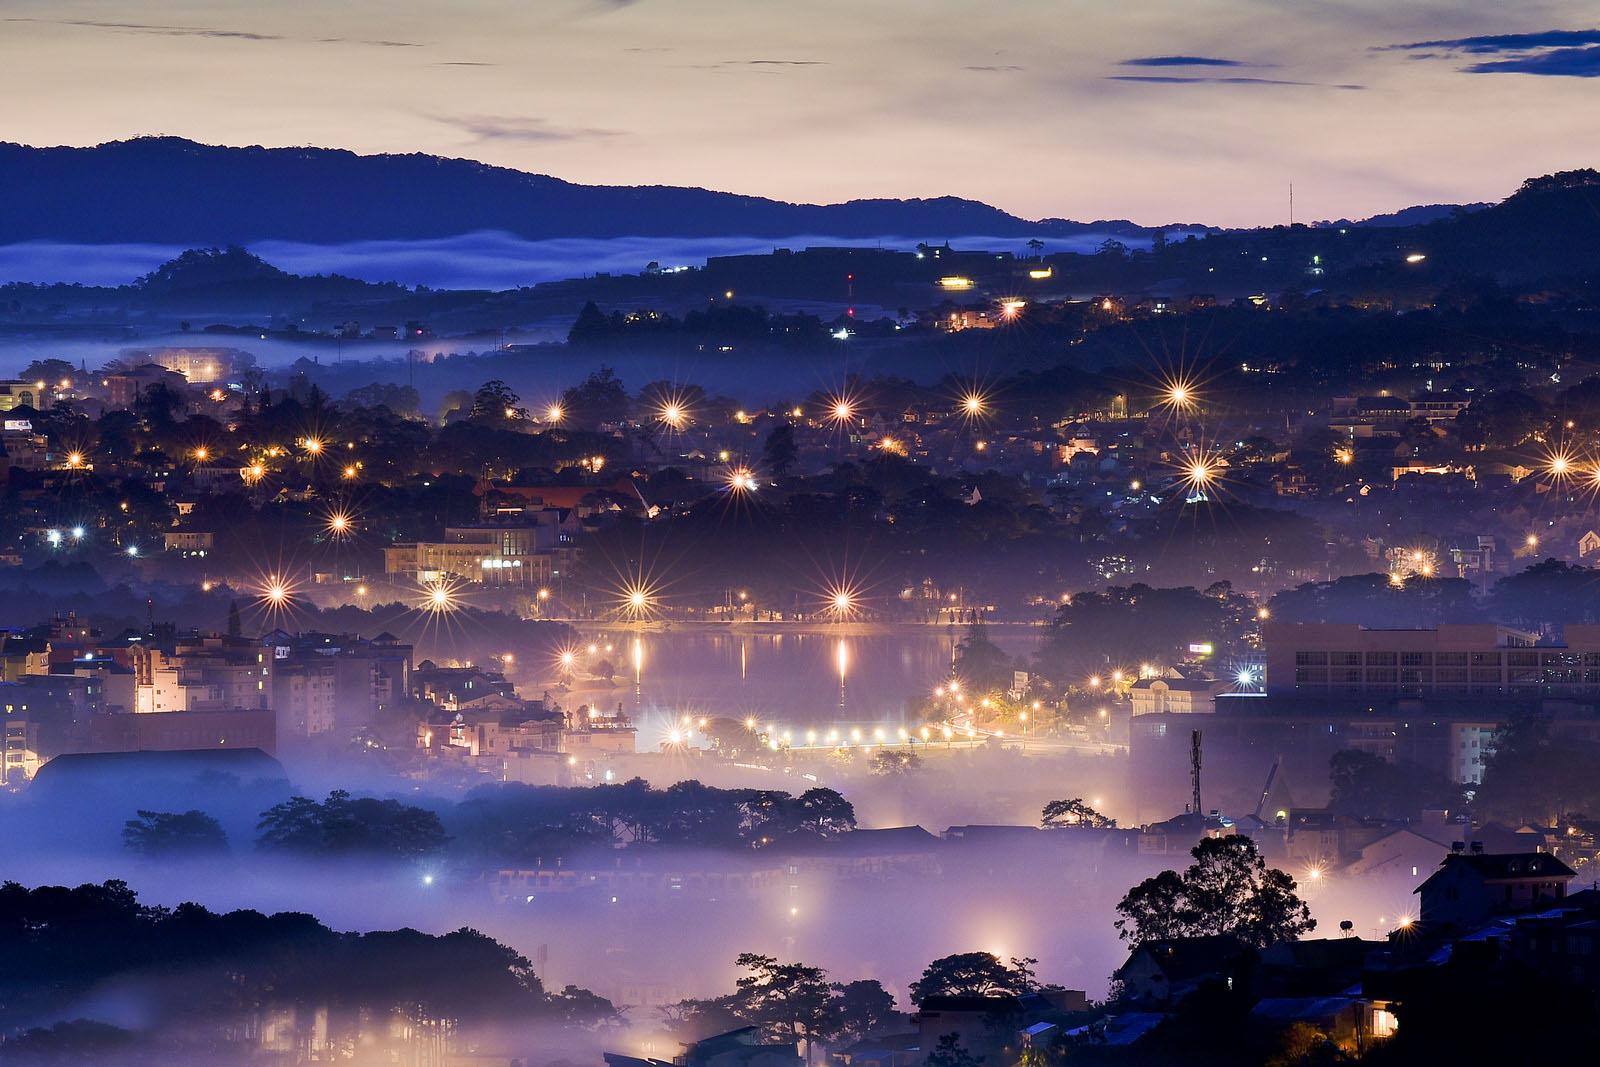 Hình ảnh Đà lạt đẹp về đêm